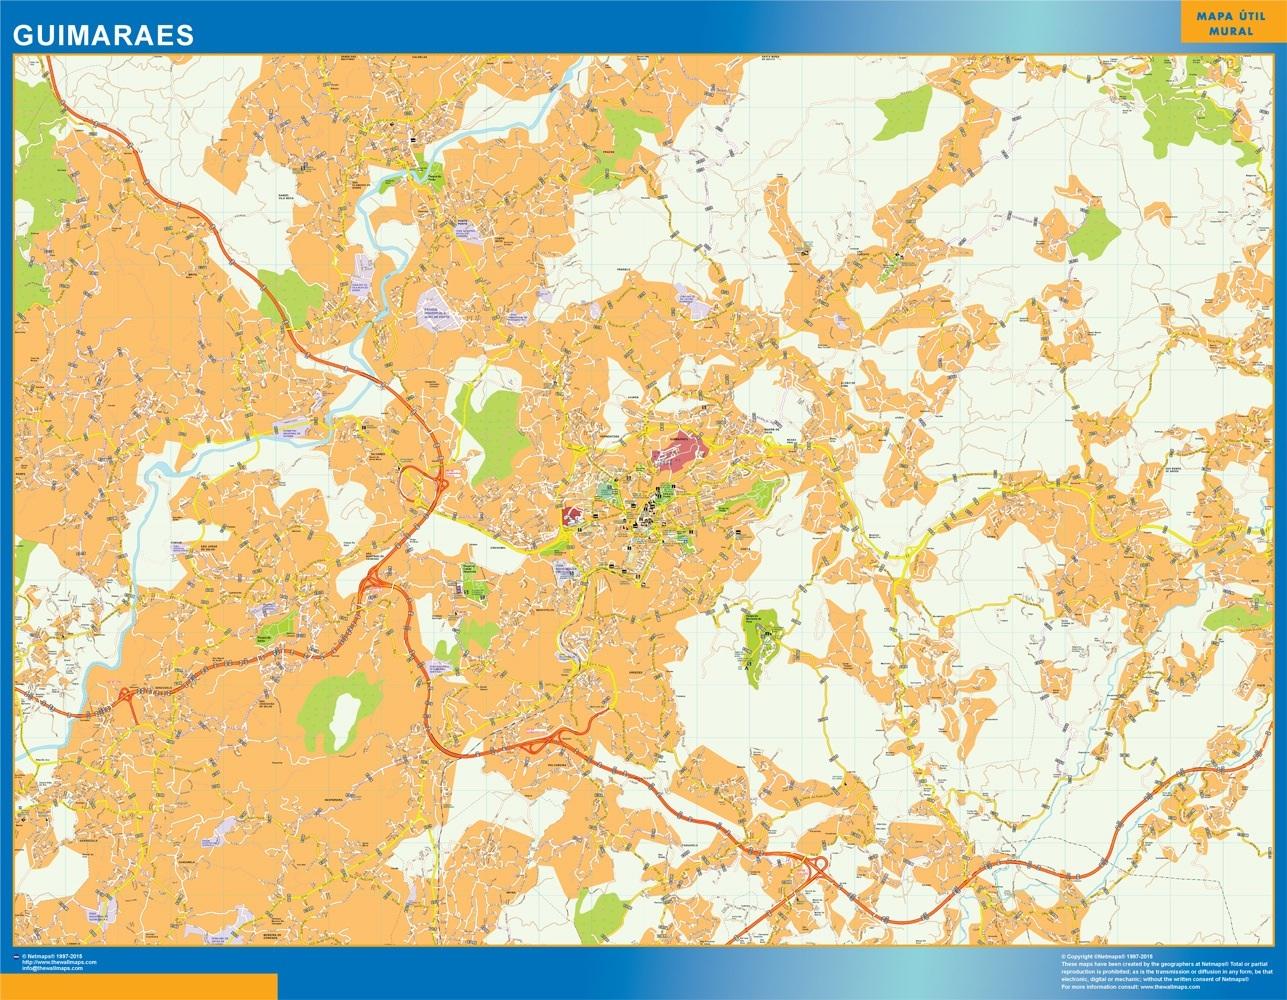 Mapa Guimaraes